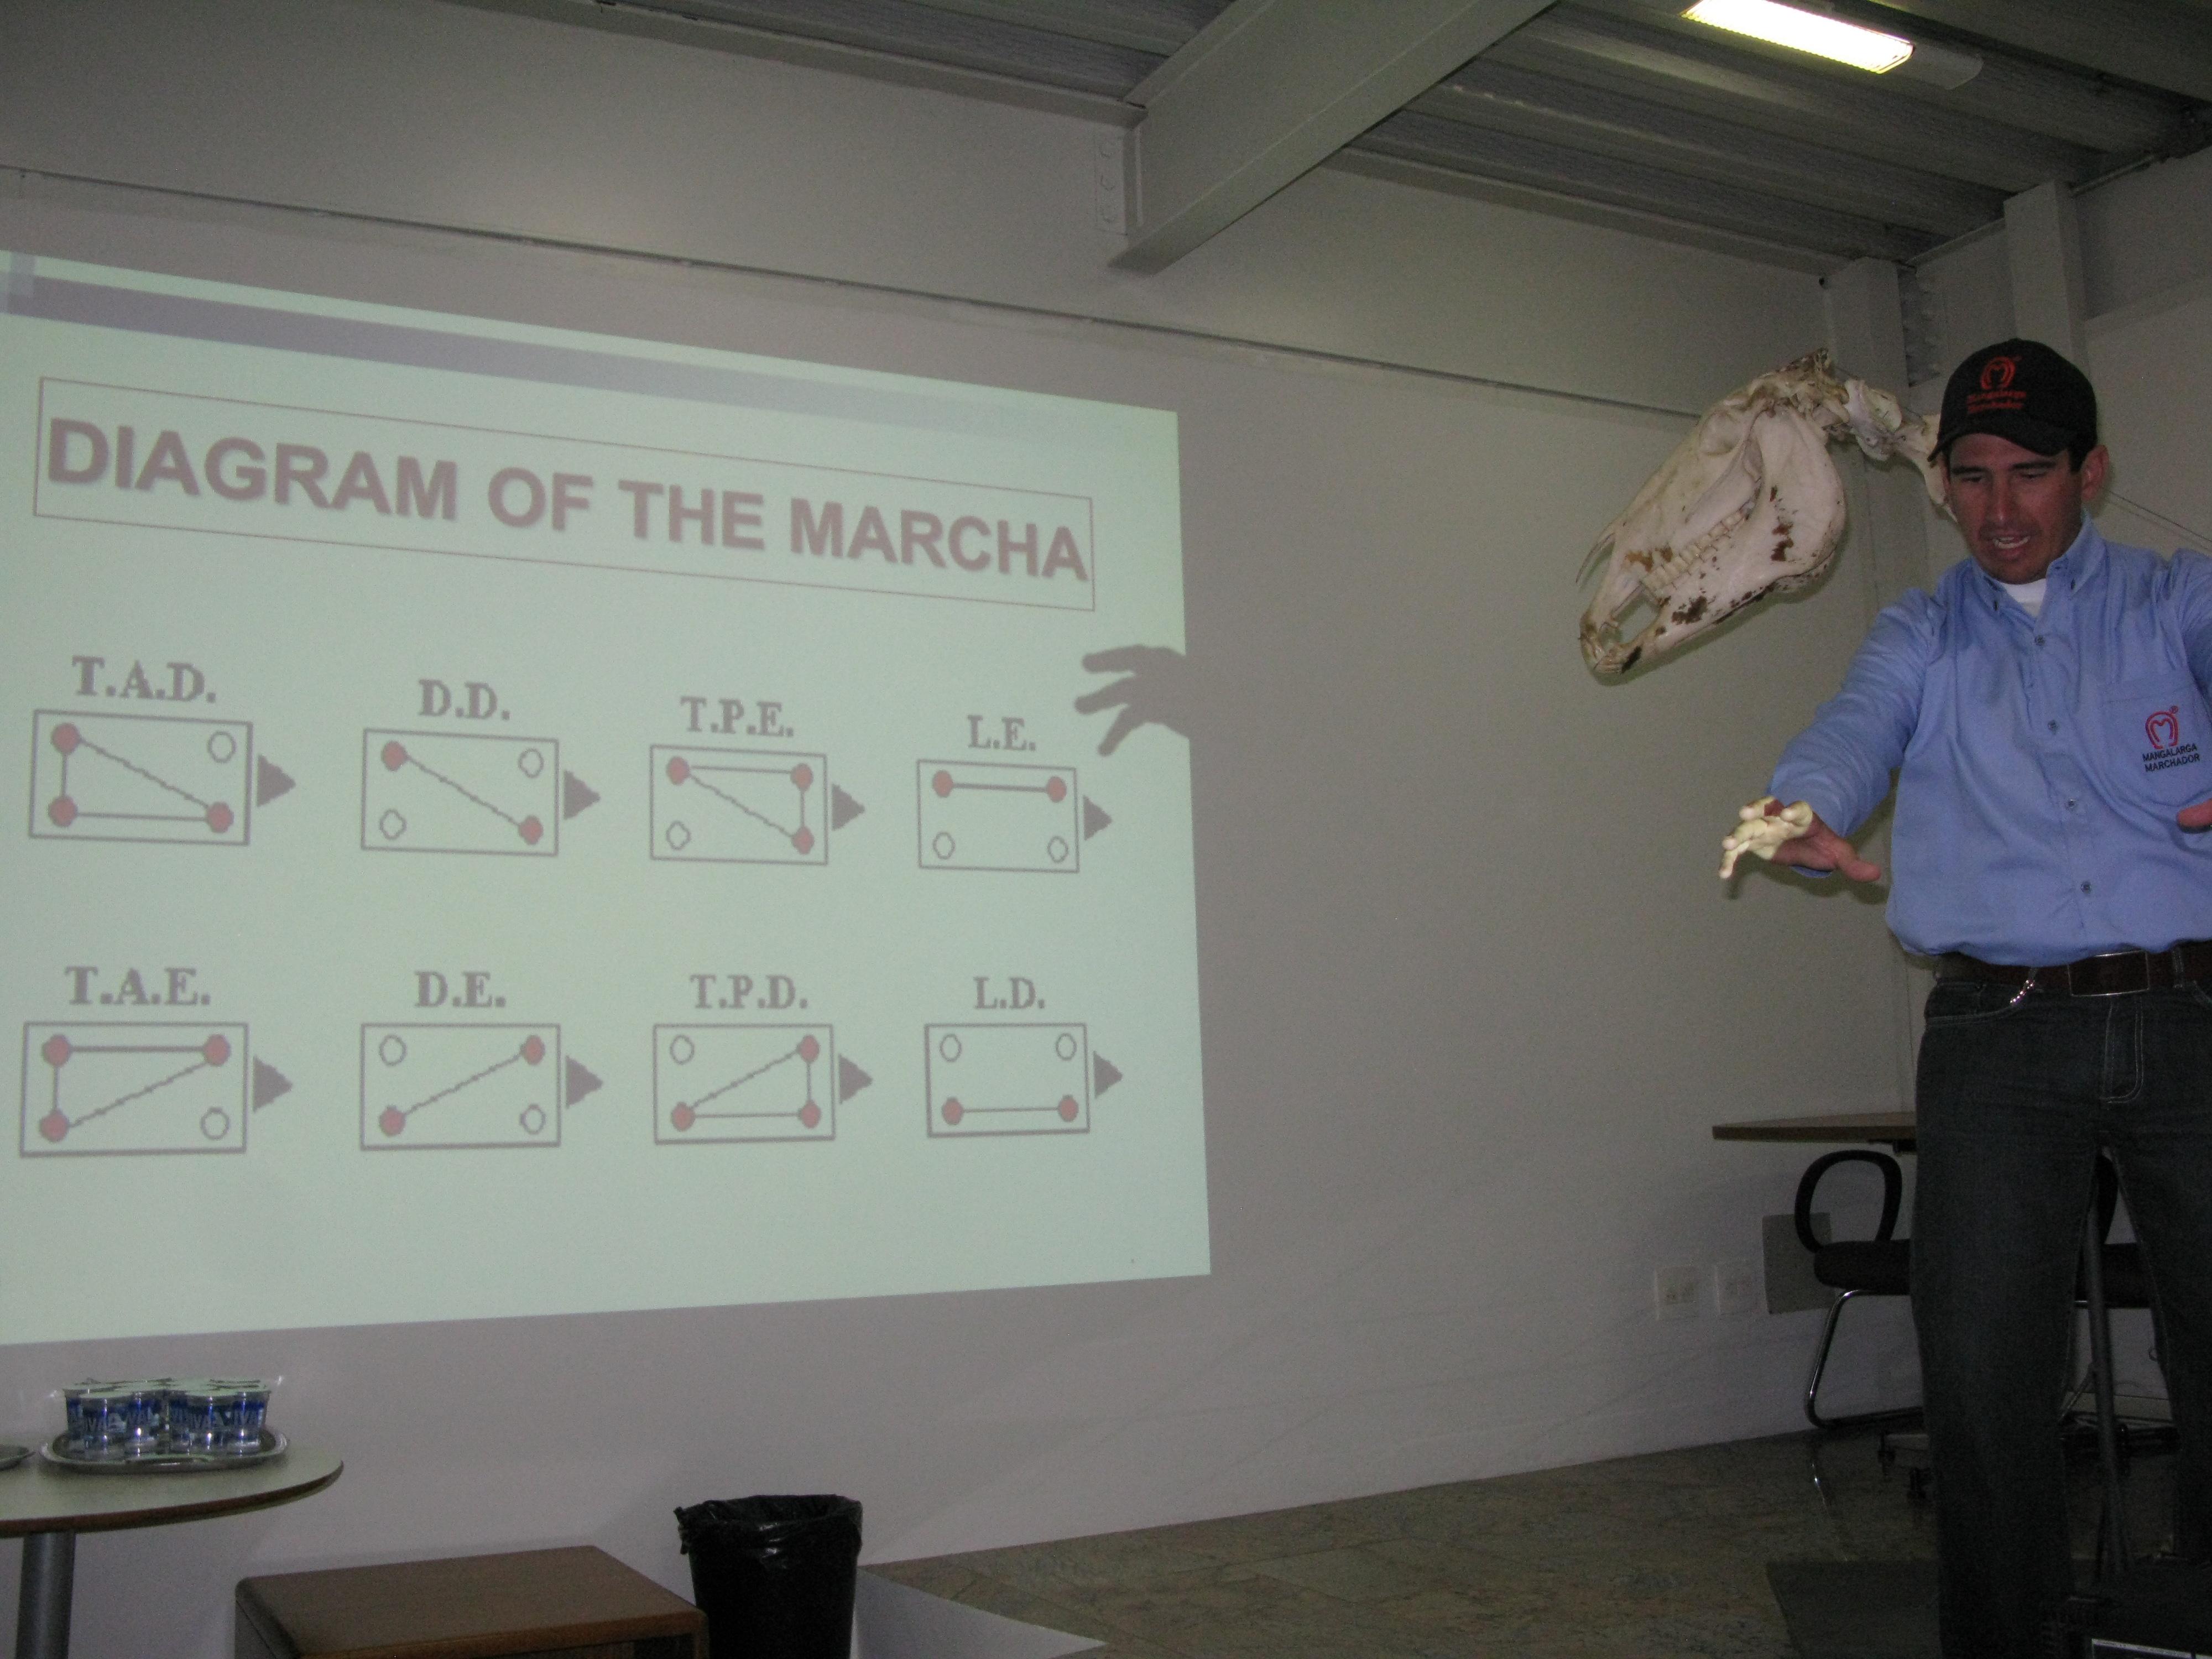 Tiago Marcha